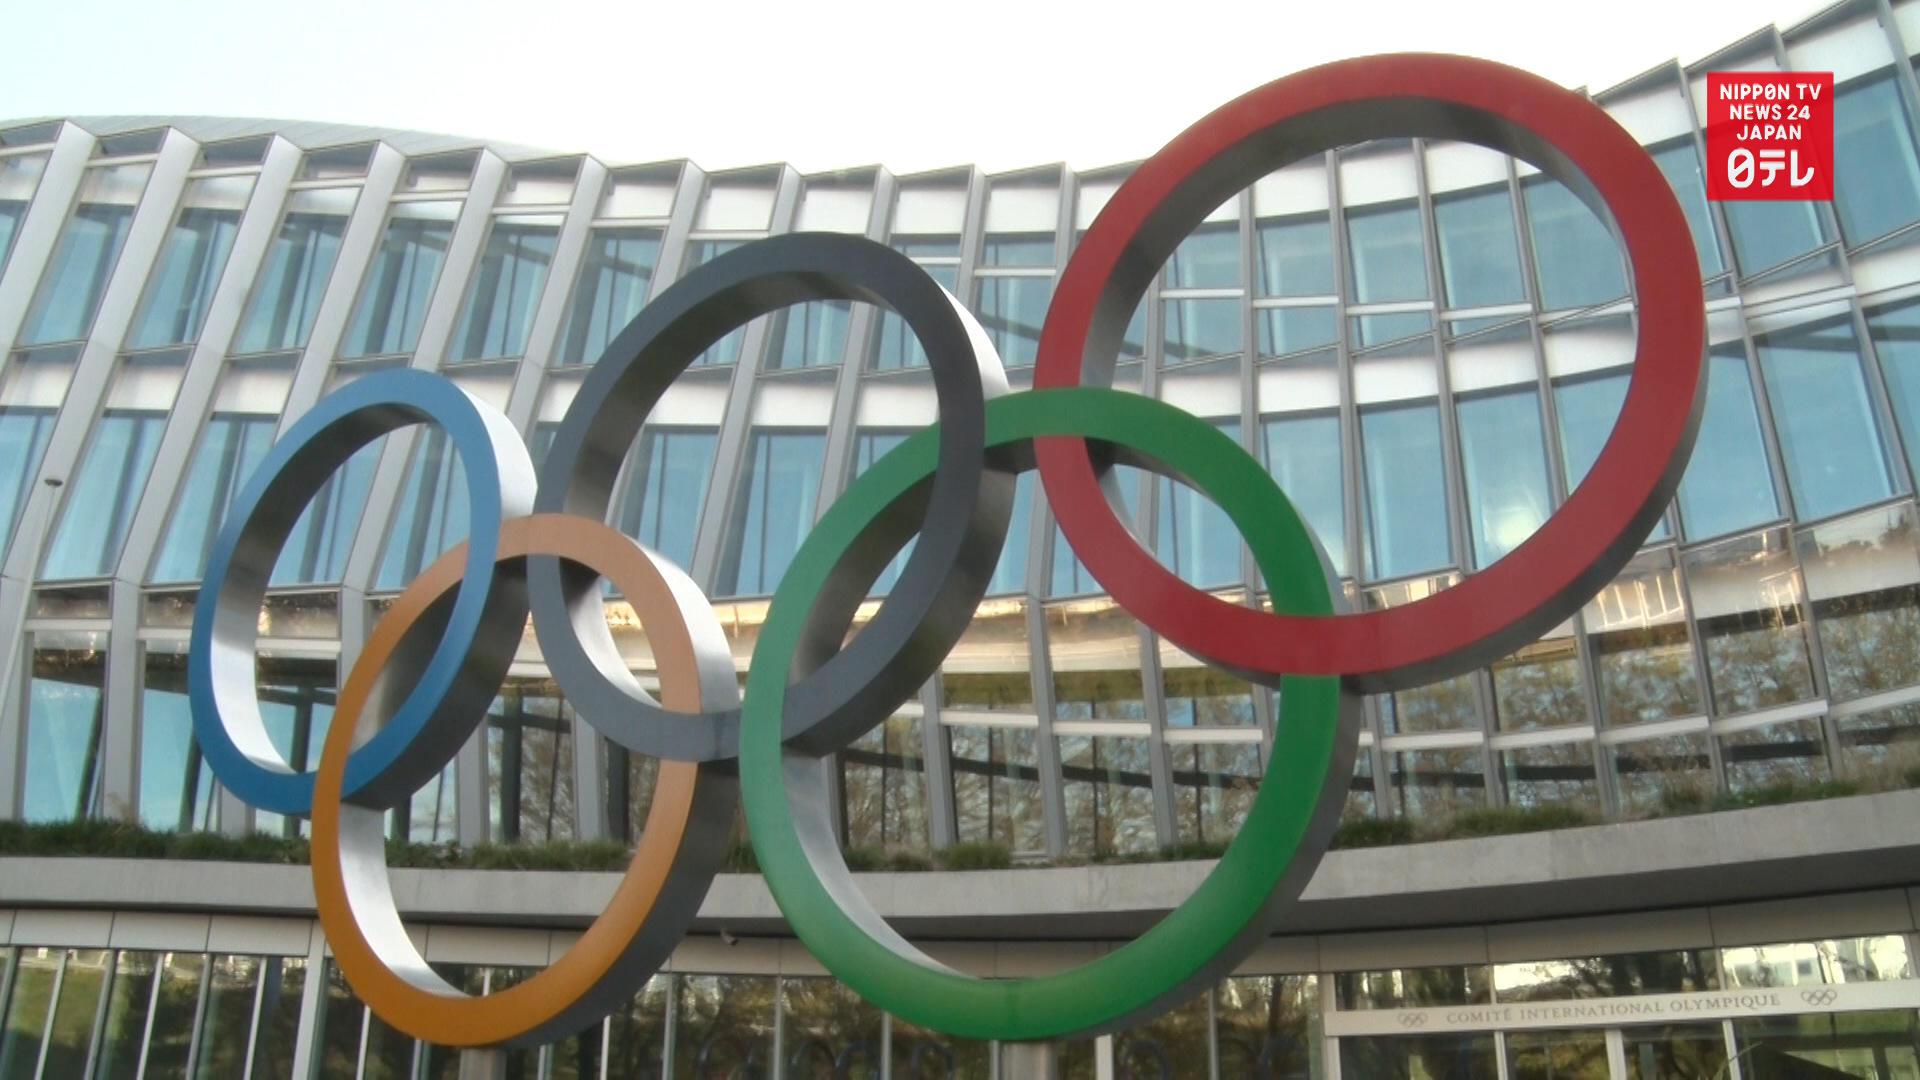 Coronavirus and the Tokyo 2020 Olympics